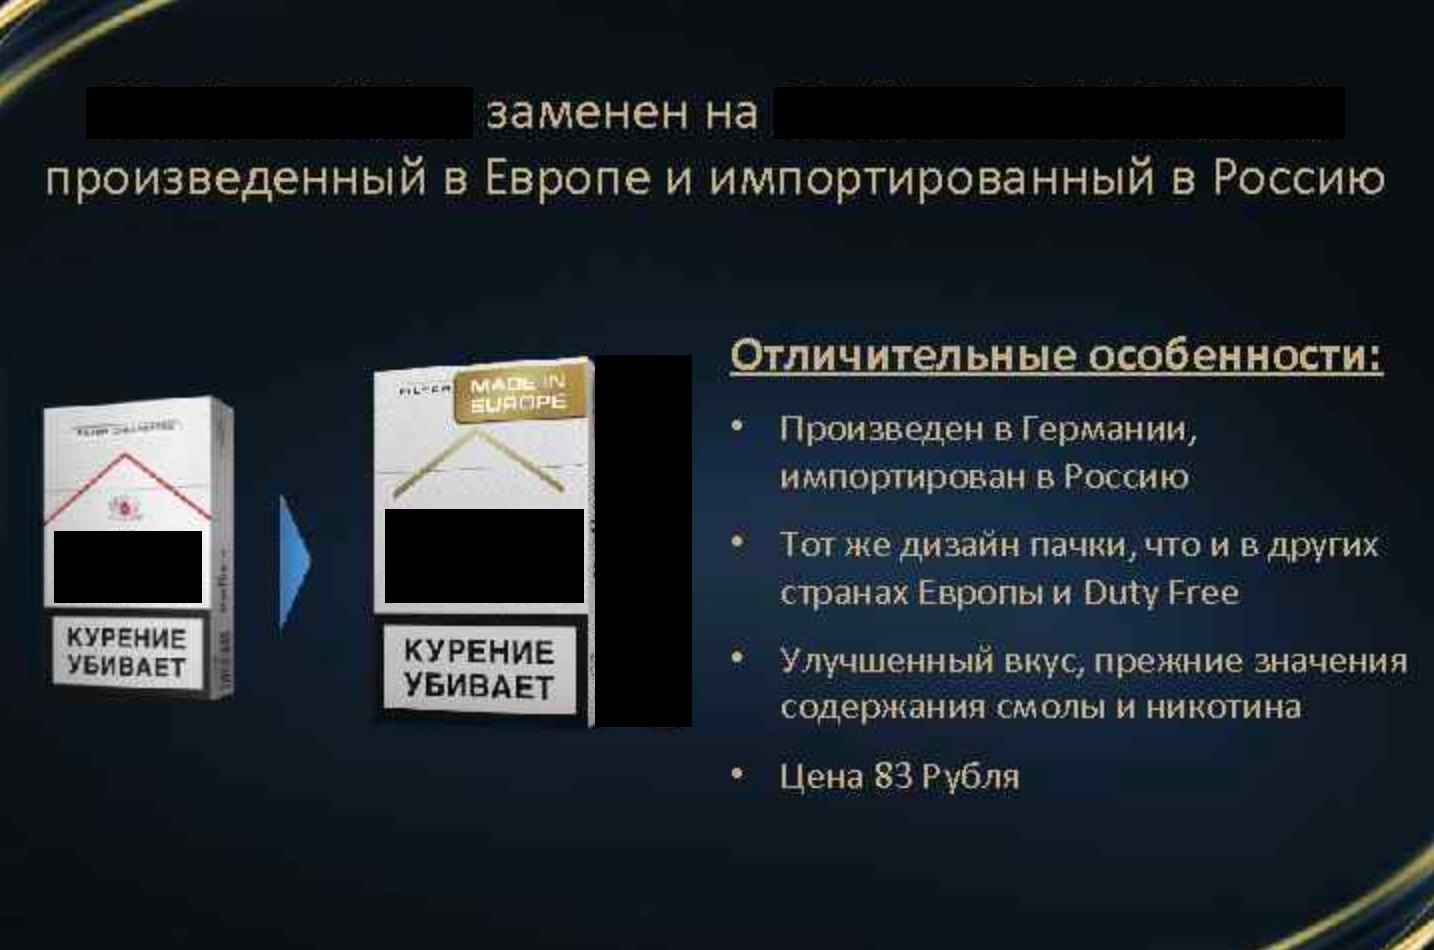 За эту рекламу магазин заплатил штраф 150 тысяч рублей. Фото: present5.com